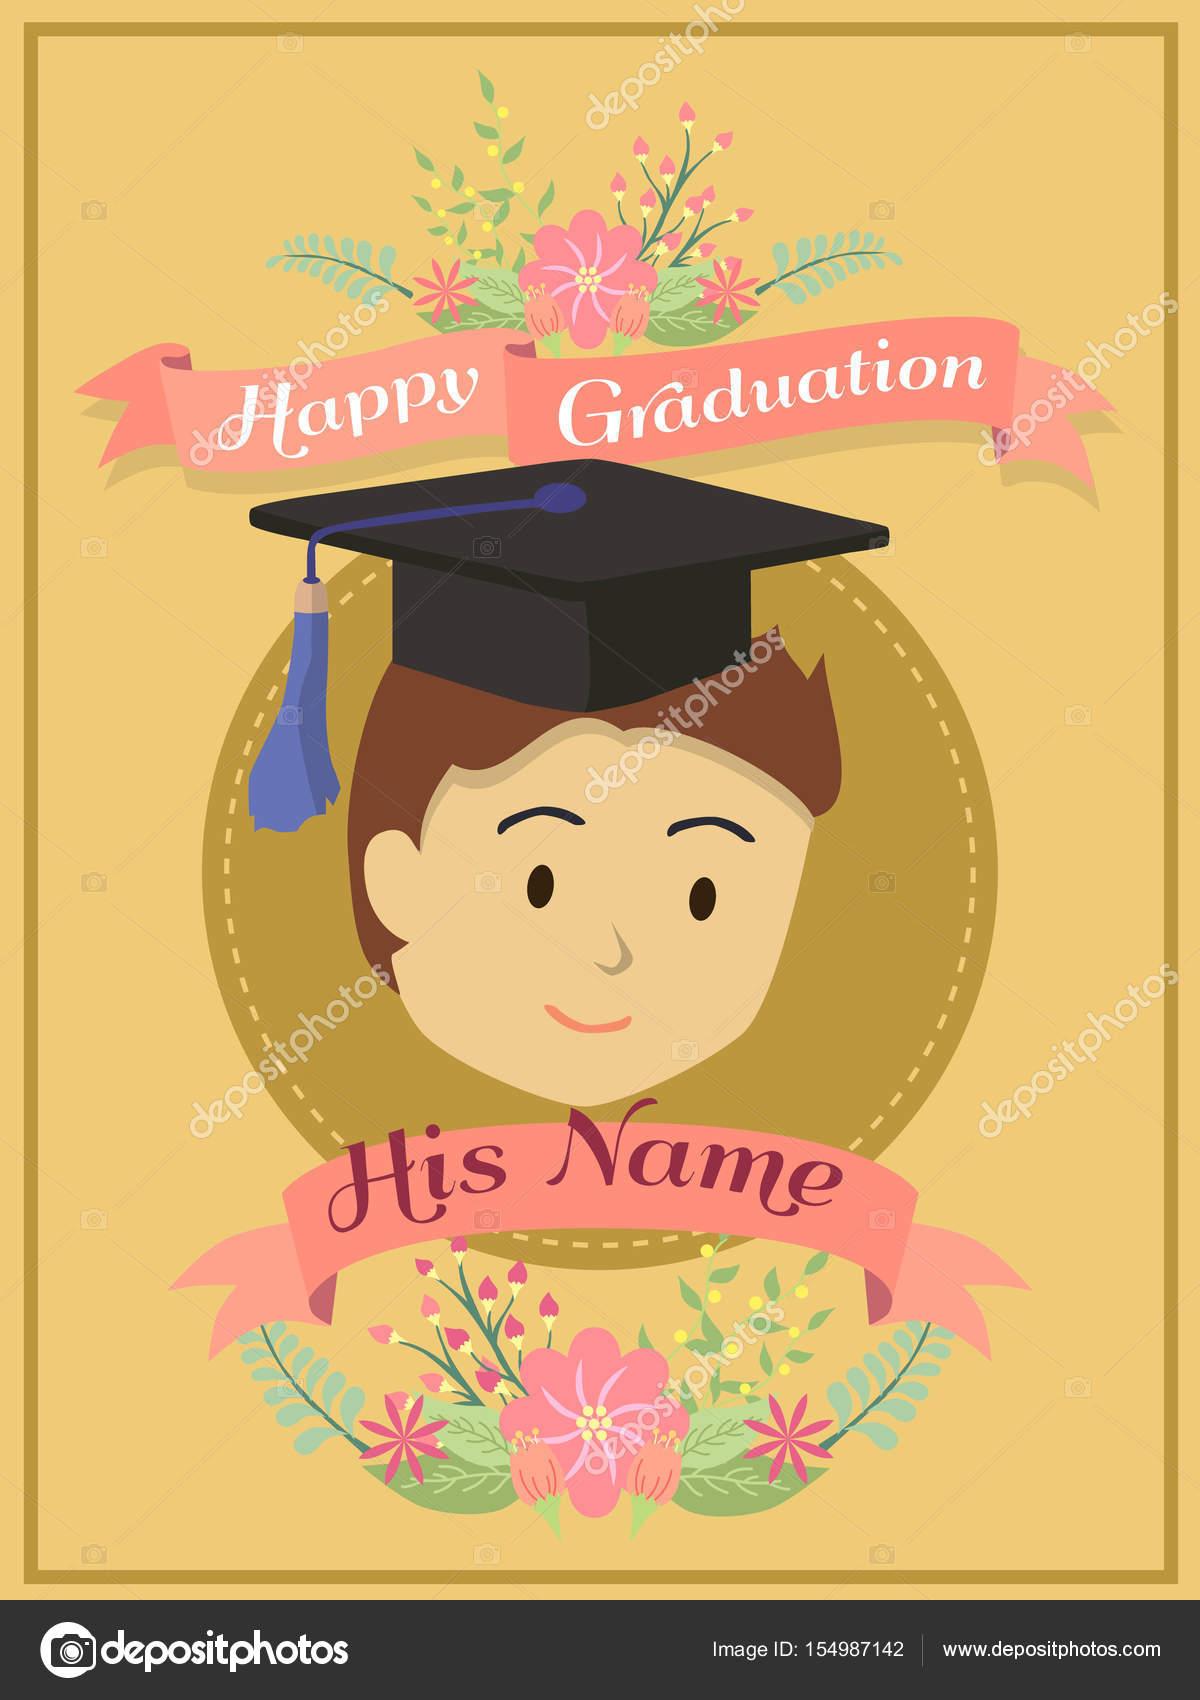 gratulationskort examen Gratulationskort lyckliga examen brun pojke — Stock Vektor  gratulationskort examen